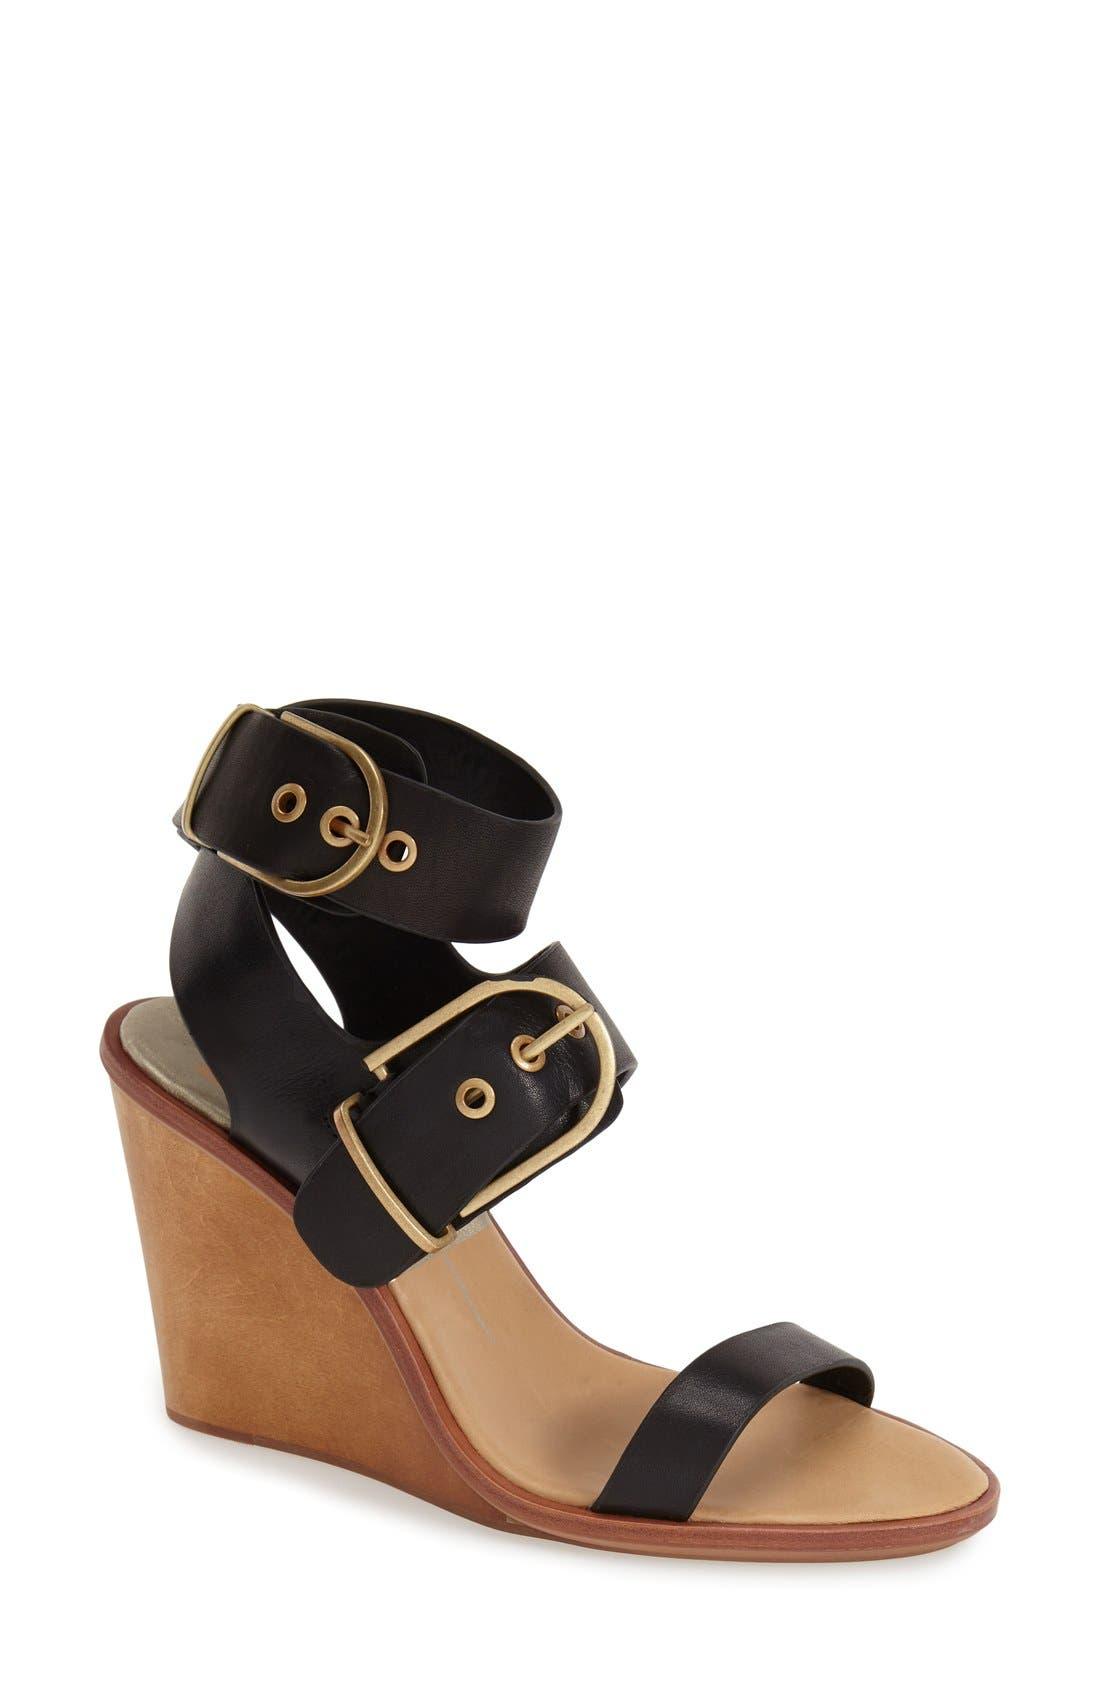 'Julissa' Wedge Sandal,                         Main,                         color, Black